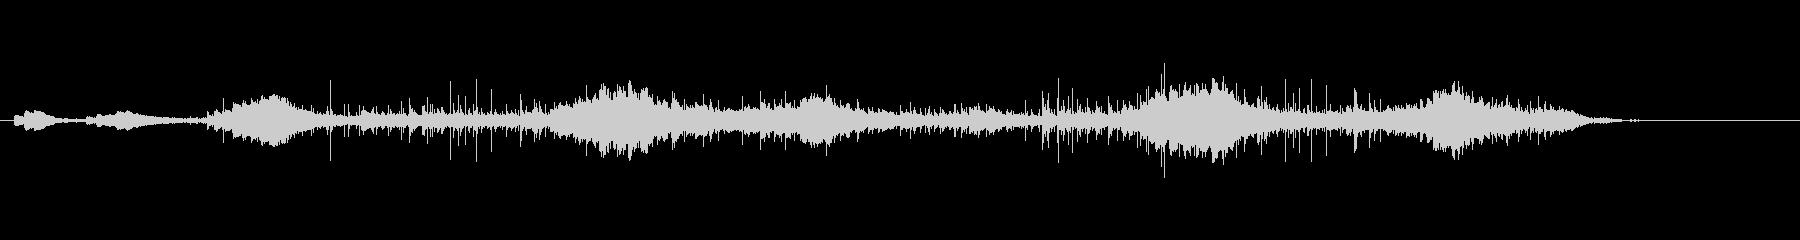 ピアノアンビエントの未再生の波形